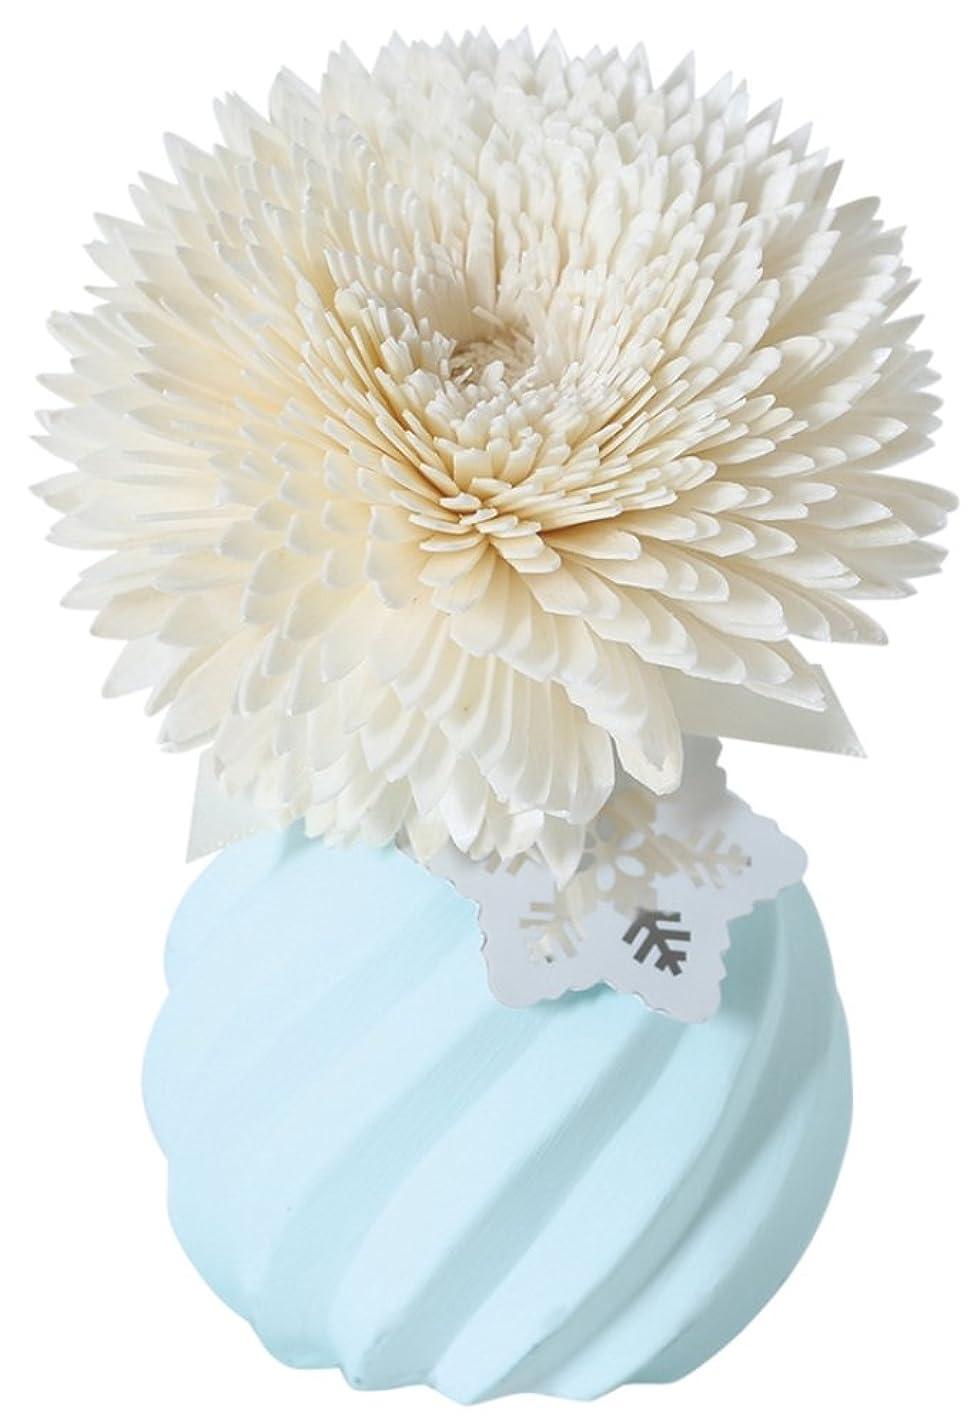 ノルコーポレーション ルームフレグランス RIKKA 90ml ギフトボックス ホワイトティーの香り OA-RIK-1-2